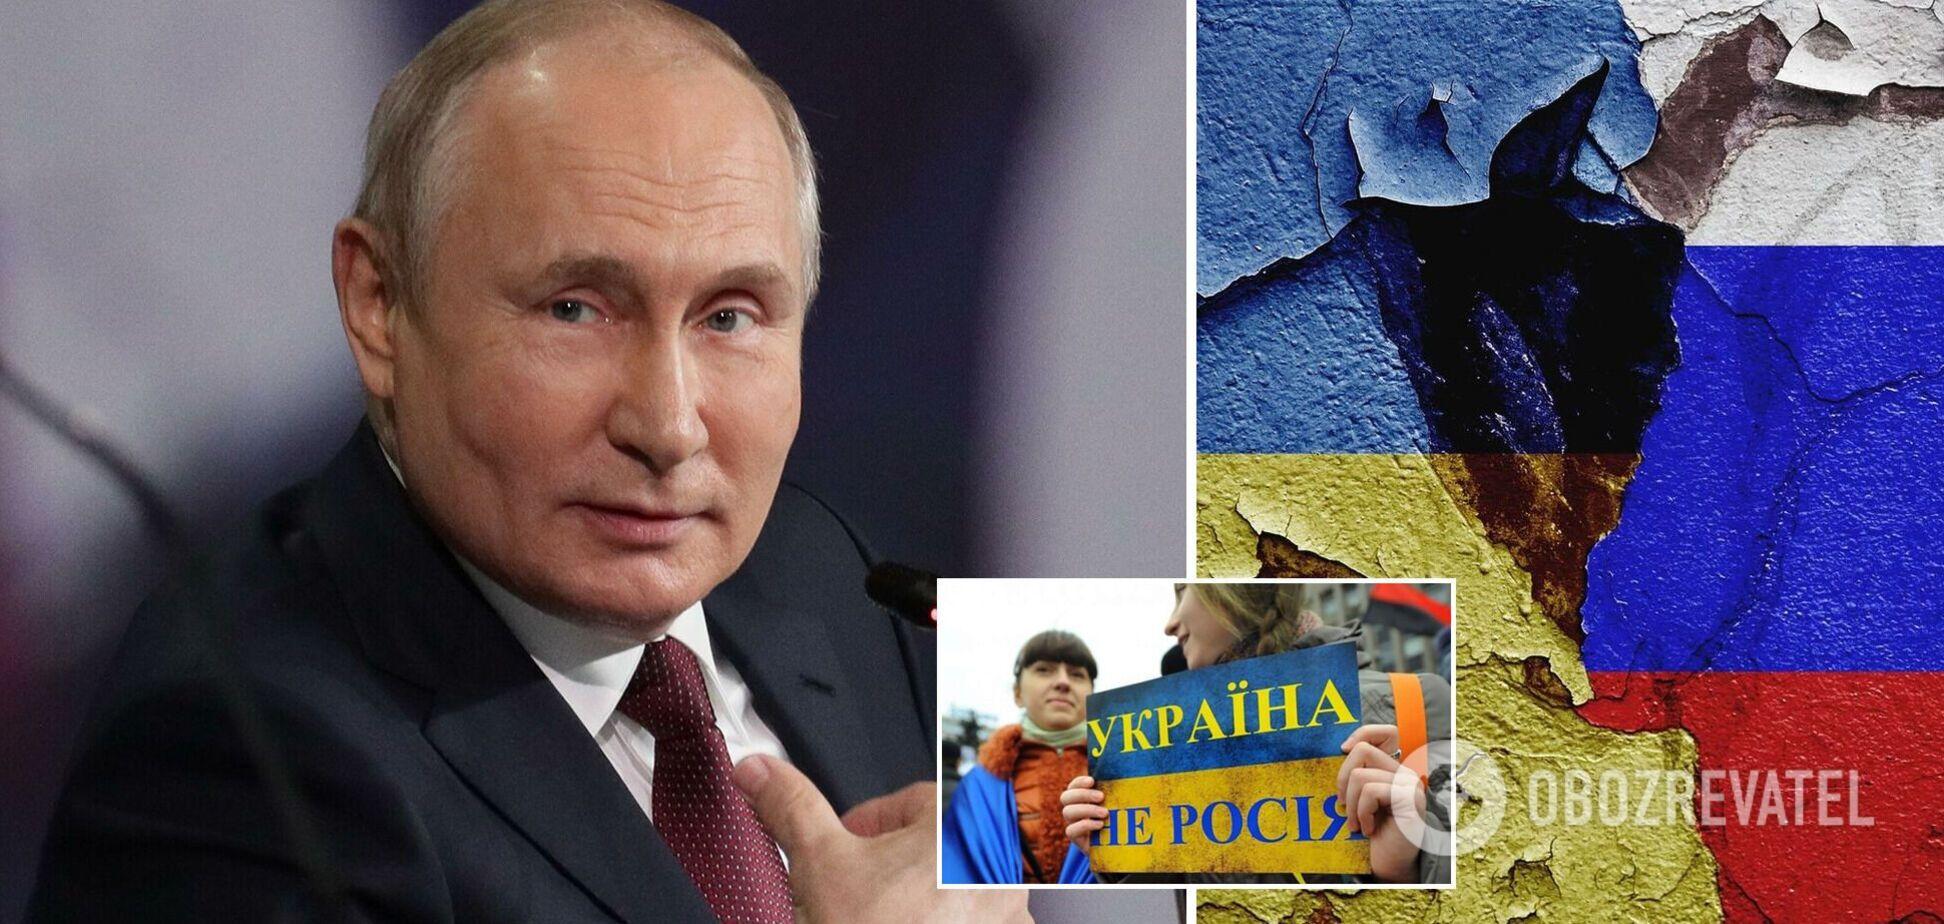 'Об историческом единстве русских и украинцев'. Незнание истории не освобождает от ответственности